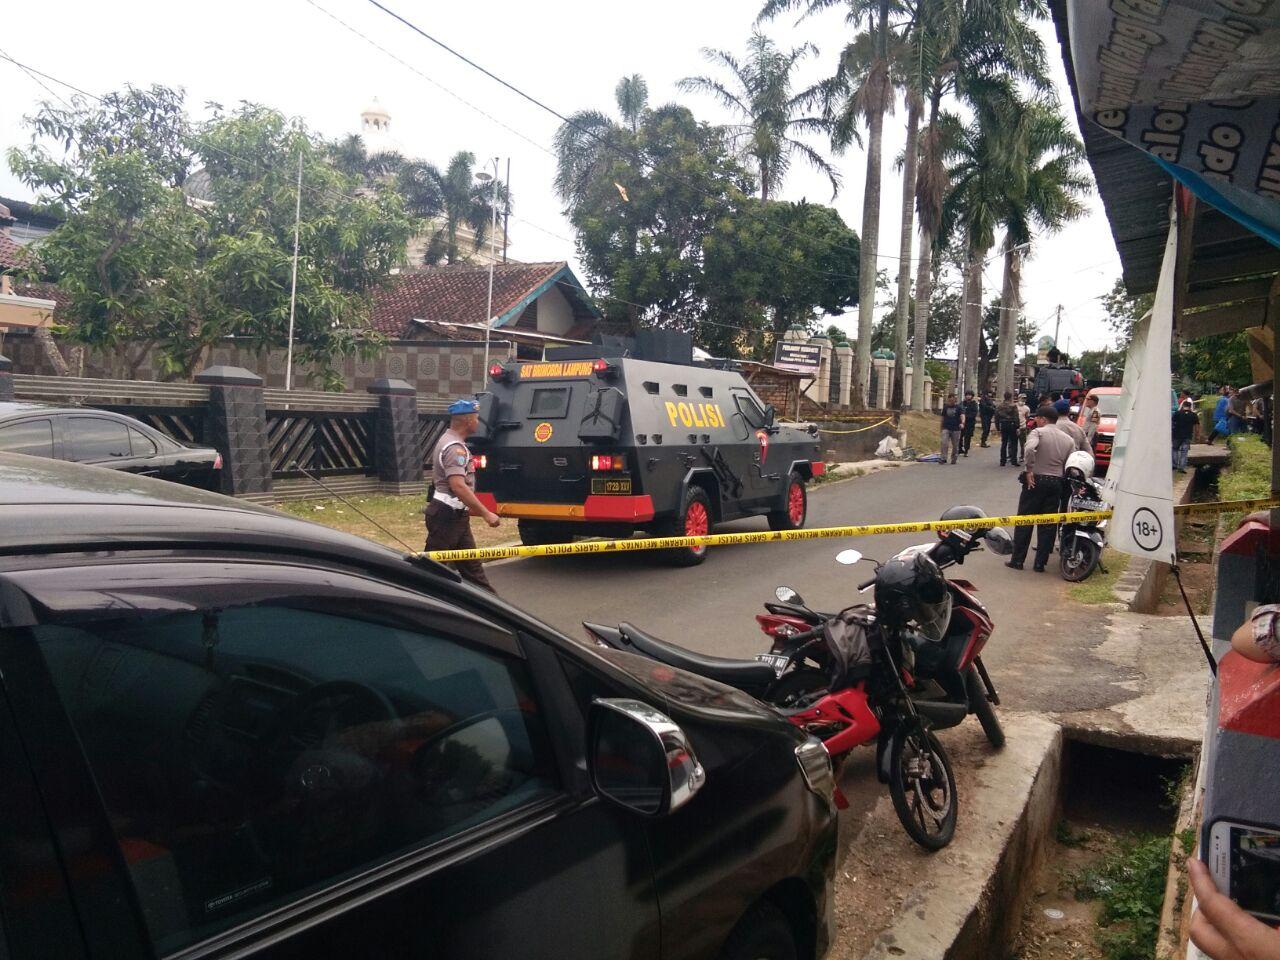 Ledakan dari Rumah Warga di Dekat Polsek Tanjungkarang Barat, Belum Jelas Asalnya